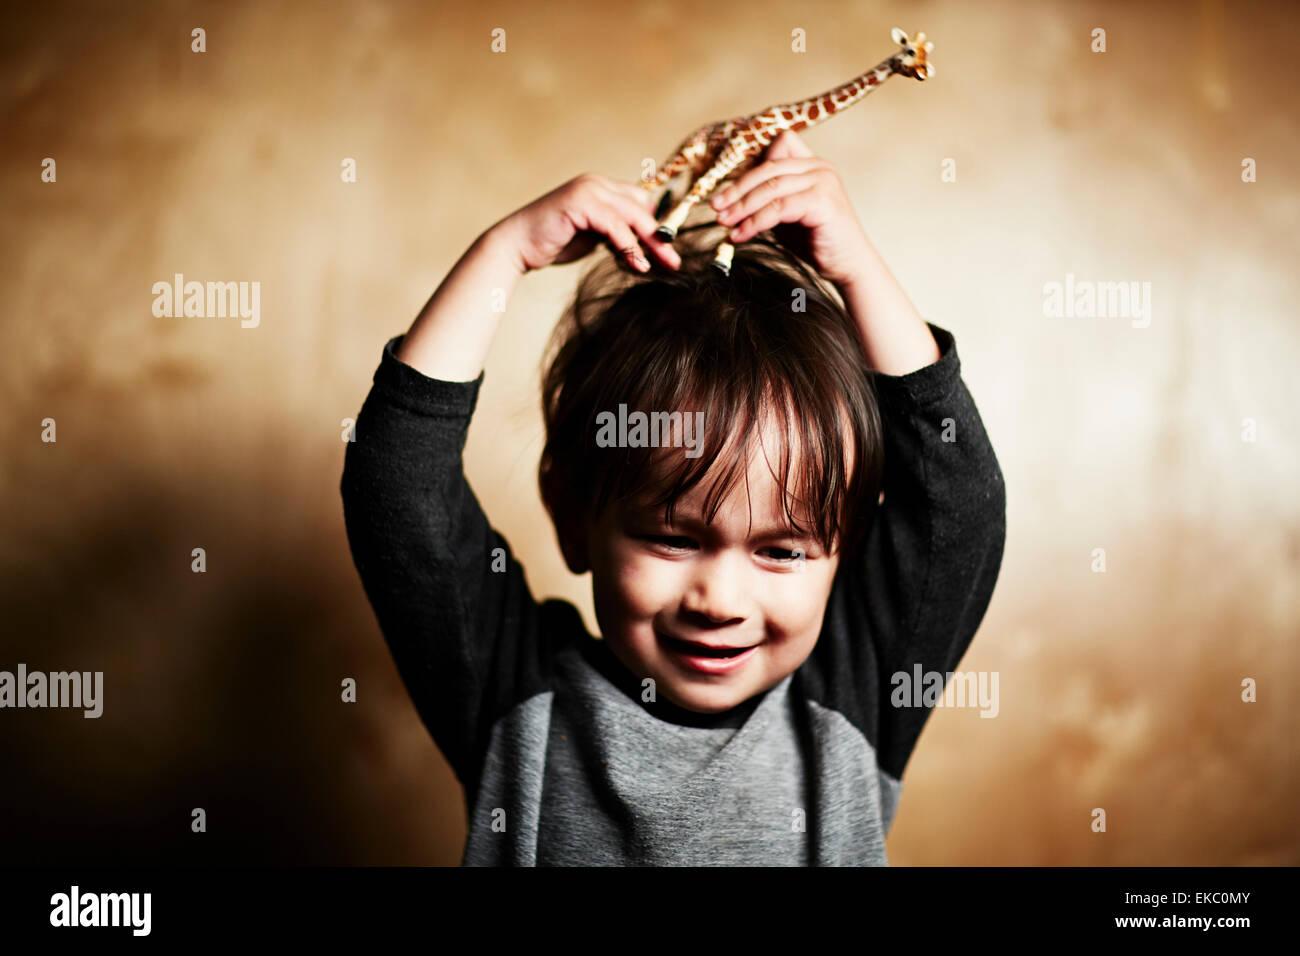 Porträt von niedlichen männliche Kleinkind Spielzeug Giraffe am Kopf halten Stockbild